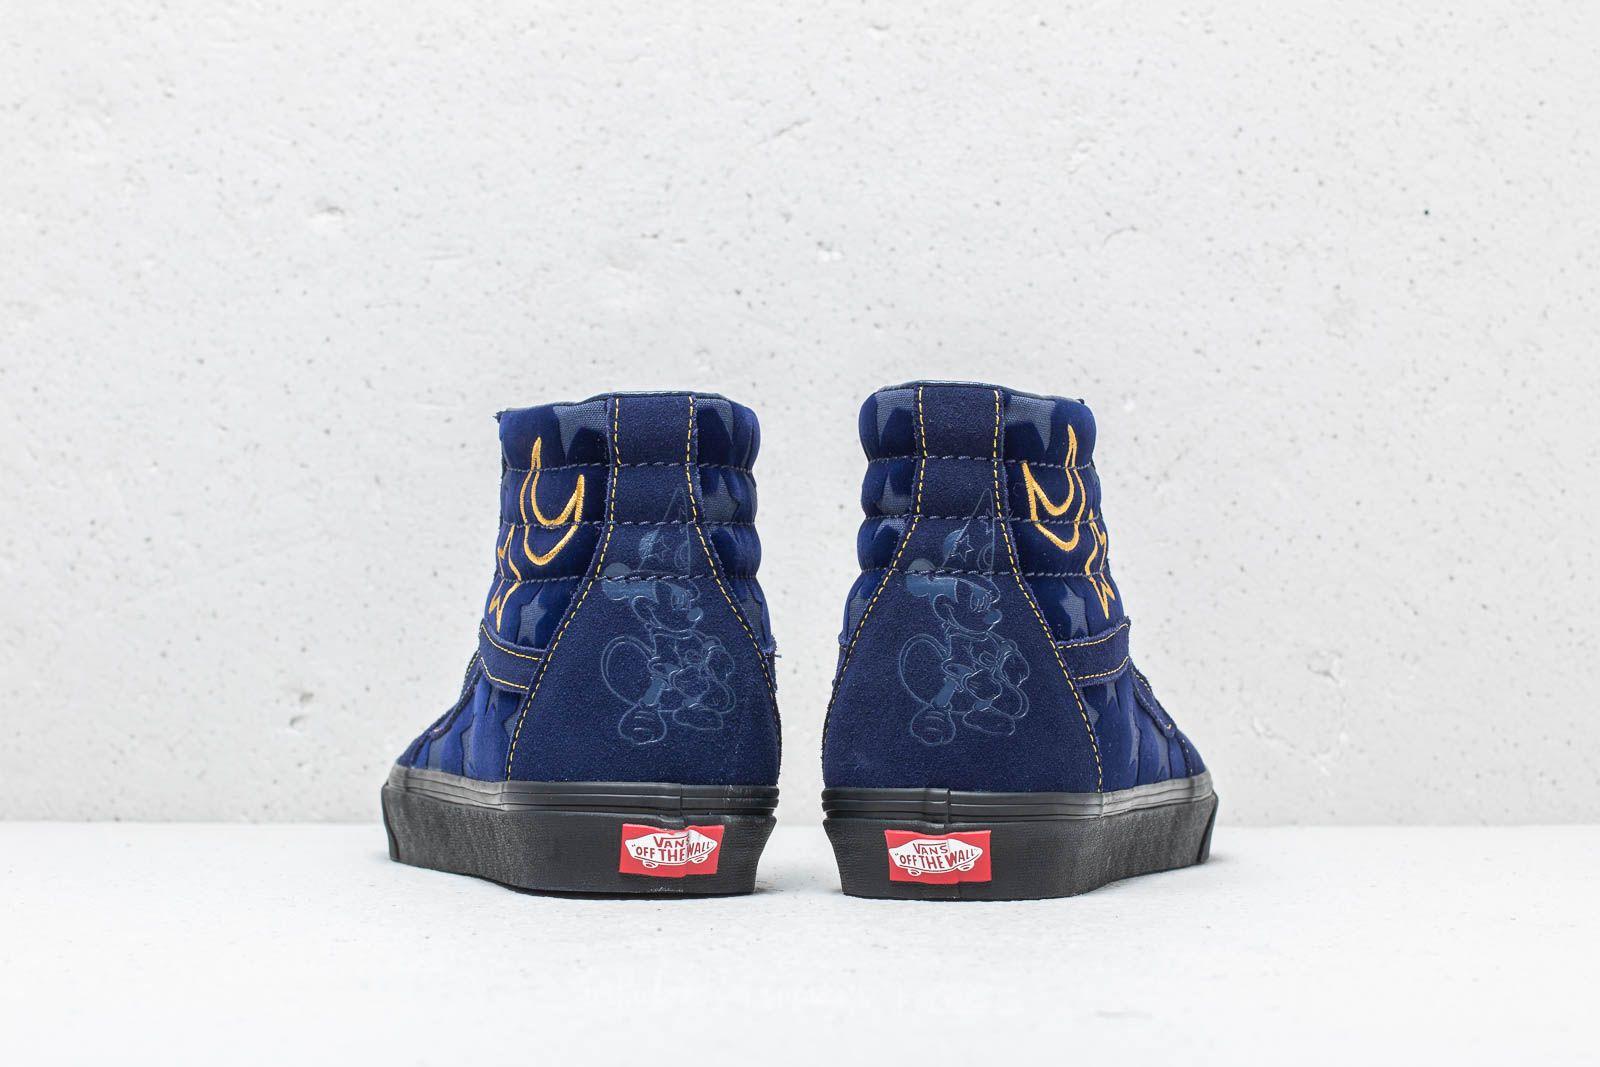 Men's shoes Vans x Disney Mickey Mouse